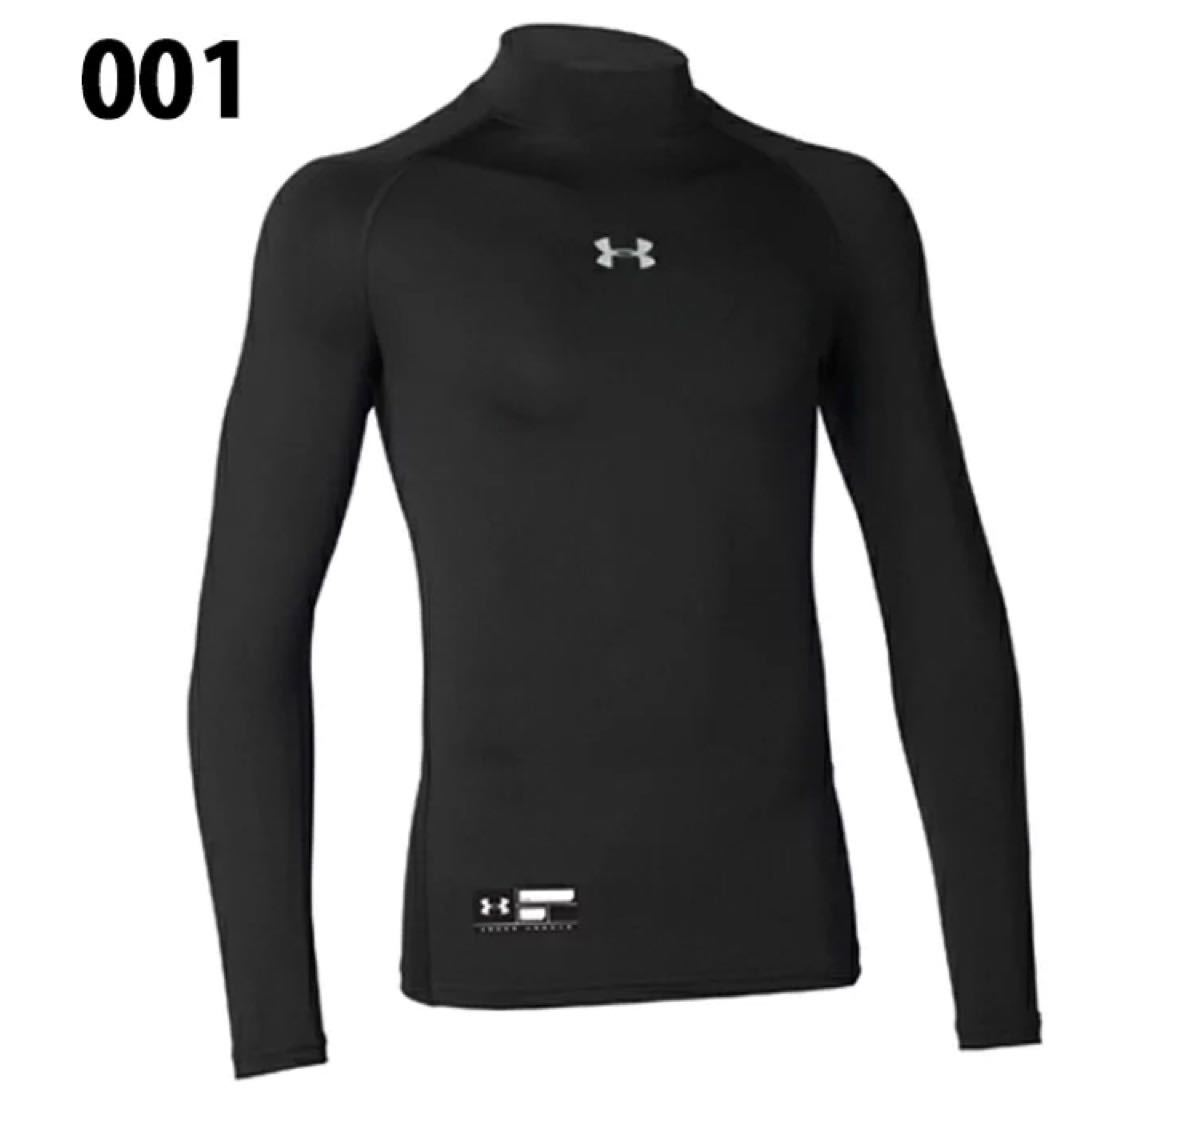 コンプレッションシャツ アンダーアーマー ヒートギア UNDER ARMOUR 長袖 アンダーシャツ YLG 150センチ